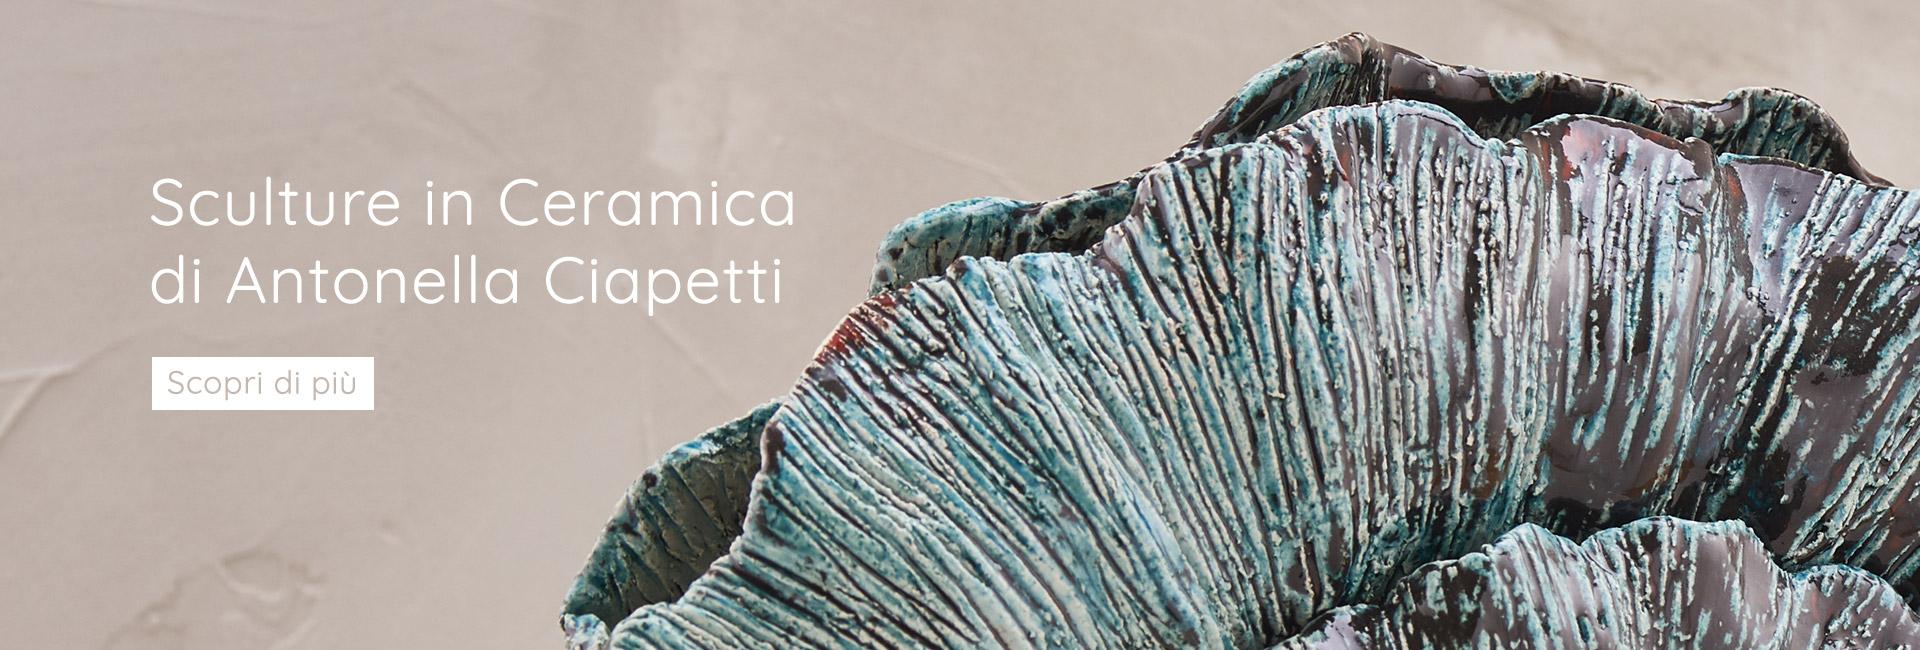 Sculture in Ceramica di Antonella Ciapetti